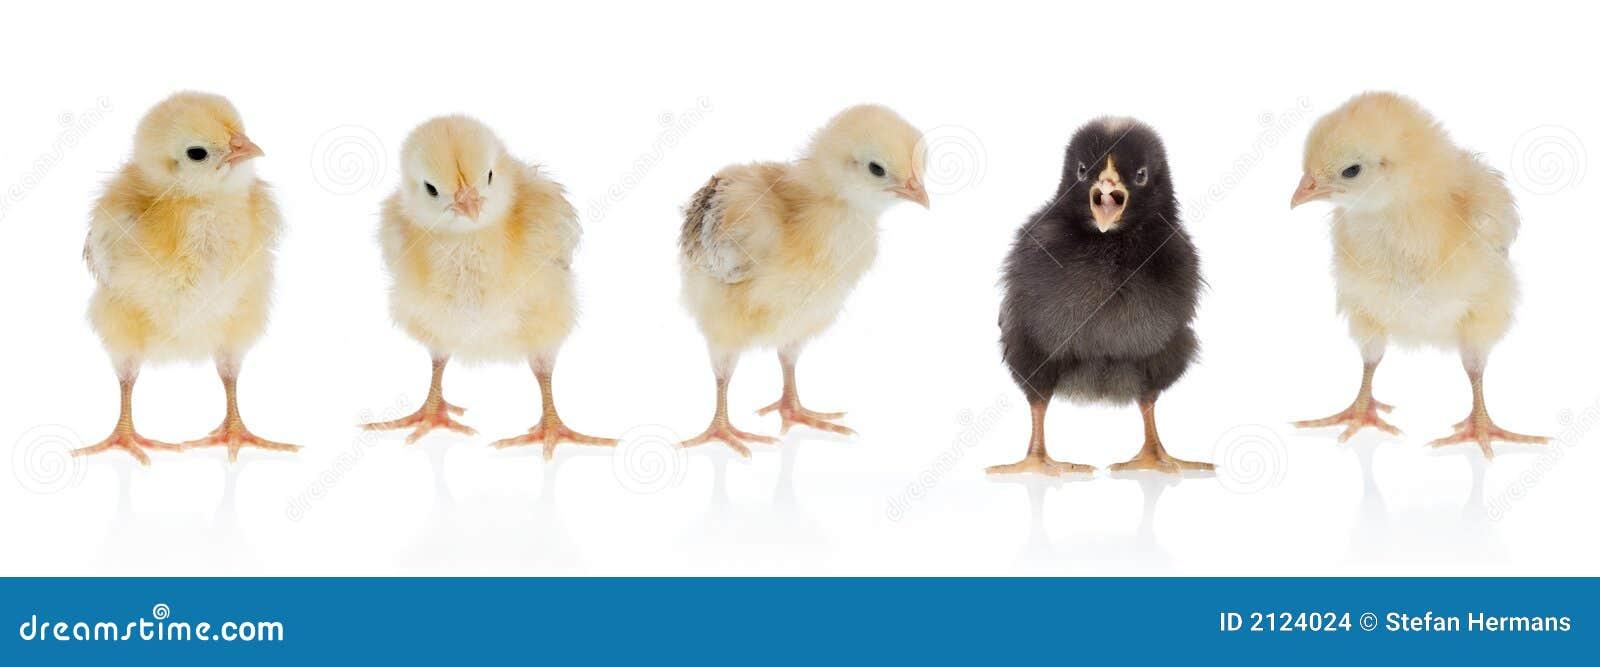 Unique chicken